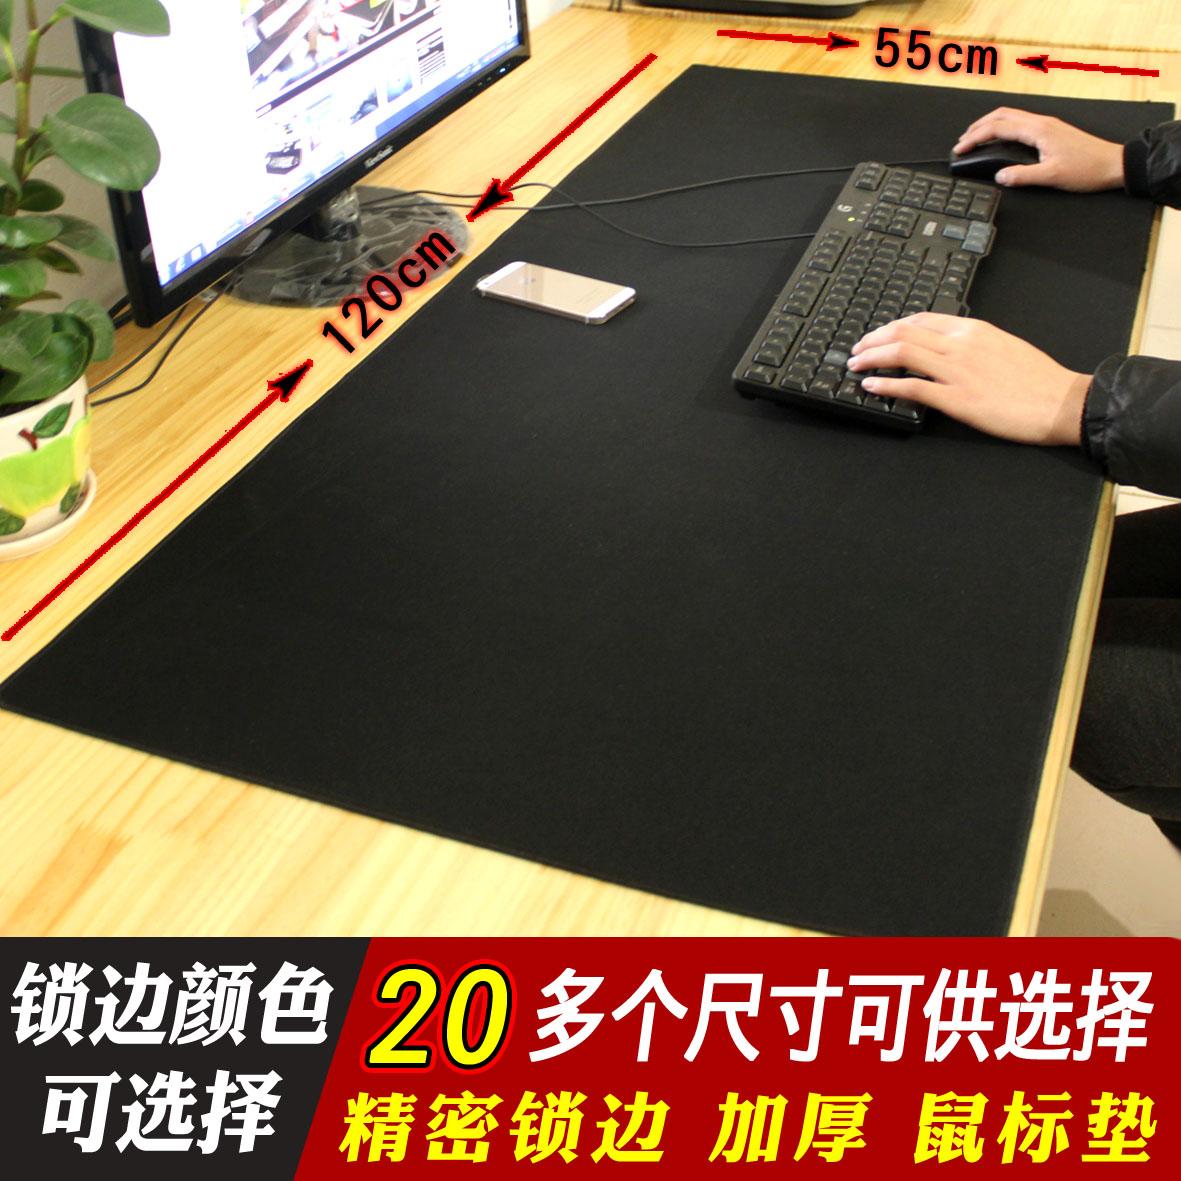 Бесплатная доставка коврик для игровой мыши cf lol коврик для мыши негабаритный сгущаться большой размер запереть упаковка сторона стол подушка